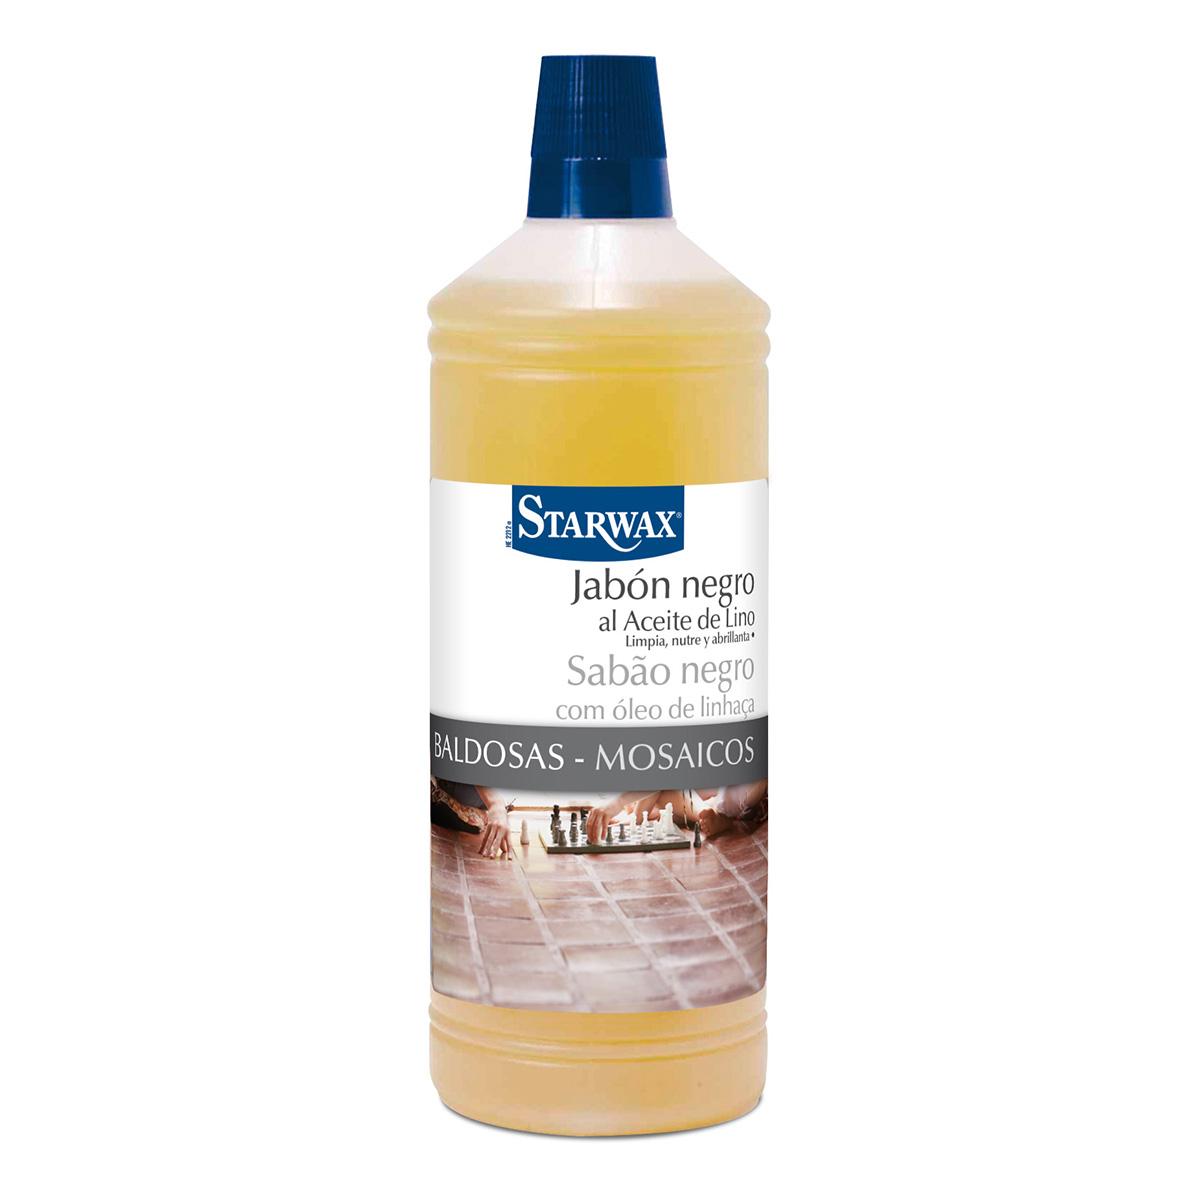 Jabón negro al aceite de lino - Starwax